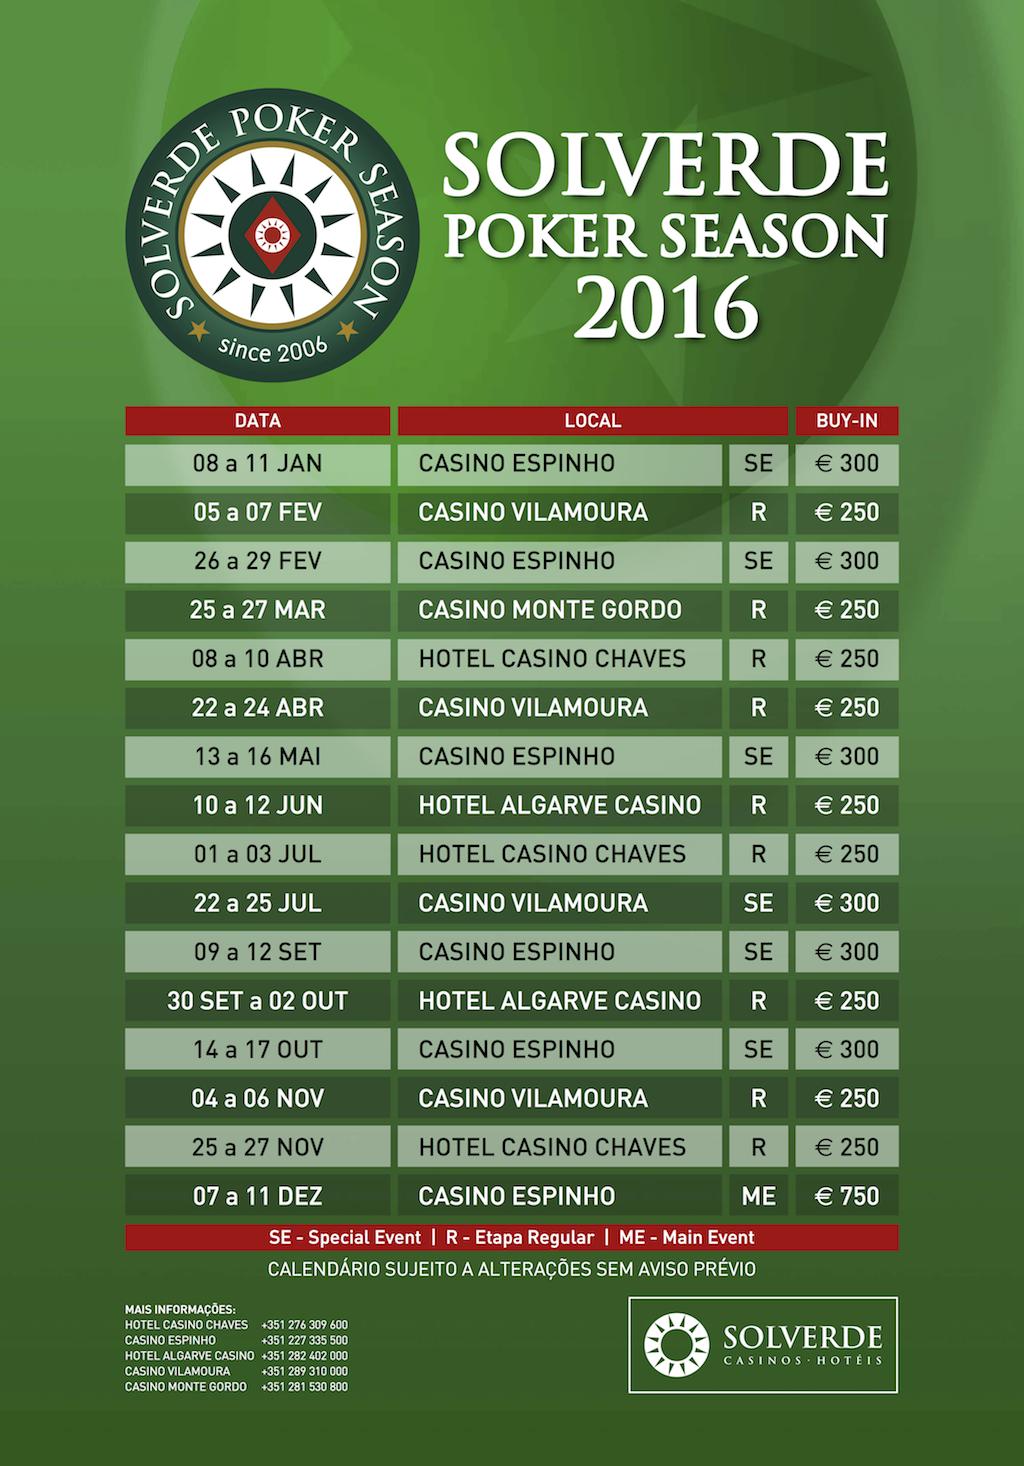 Calendário Solverde Poker Season 2016 - 16 Etapas e Novidades nos Buy-ins 101